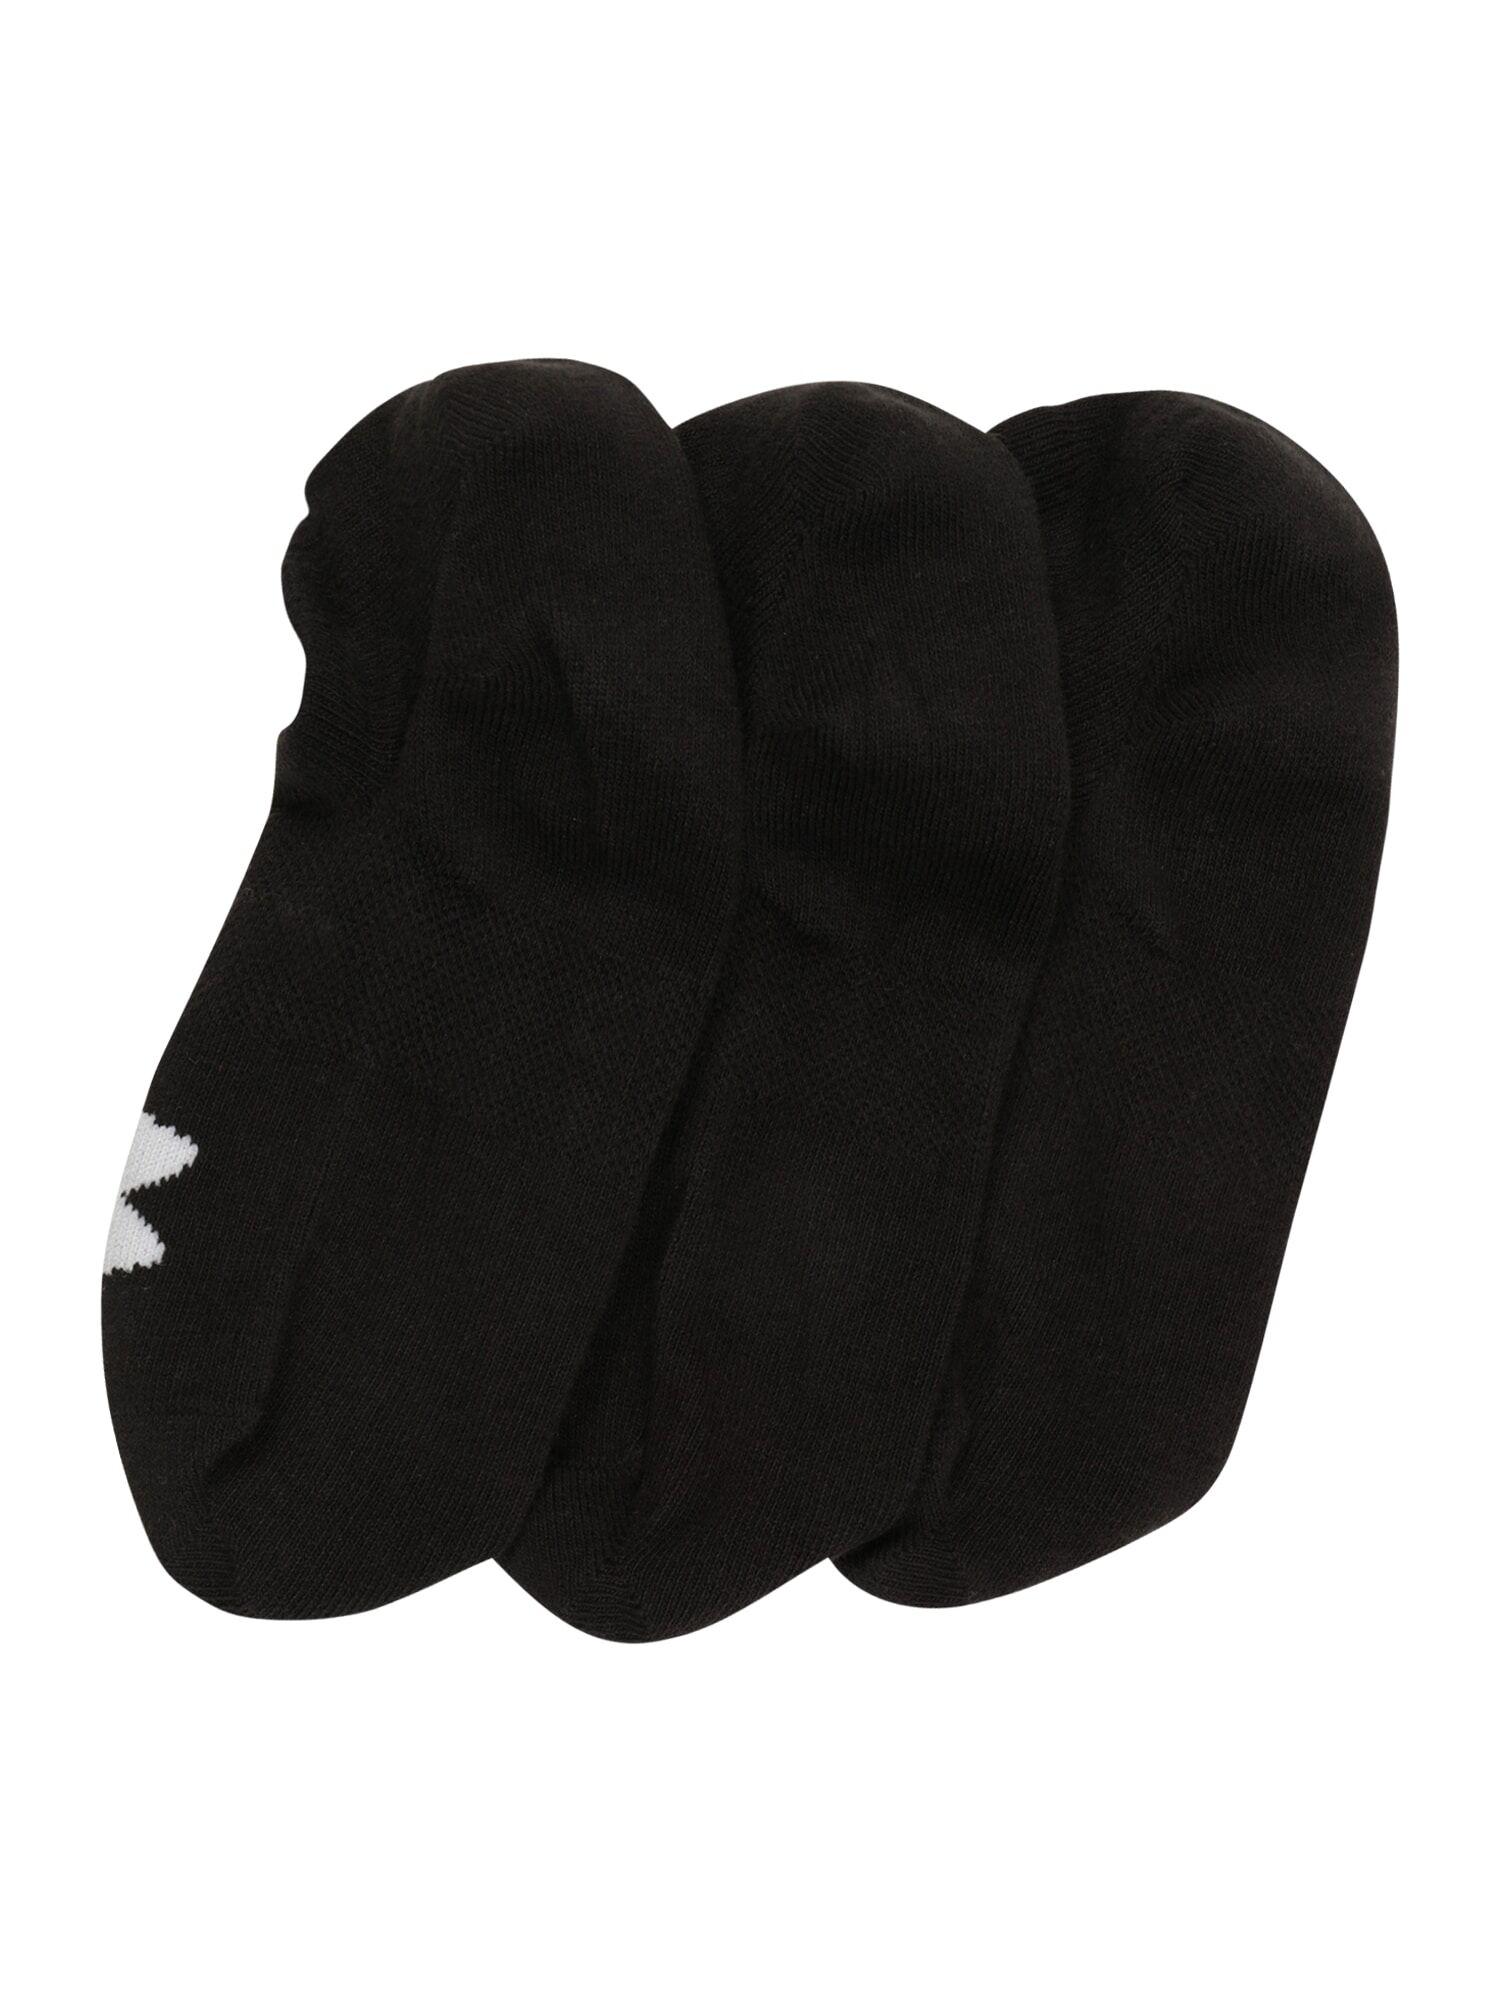 UNDER ARMOUR Chaussettes de sport  - Noir - Taille: 46-50 - male